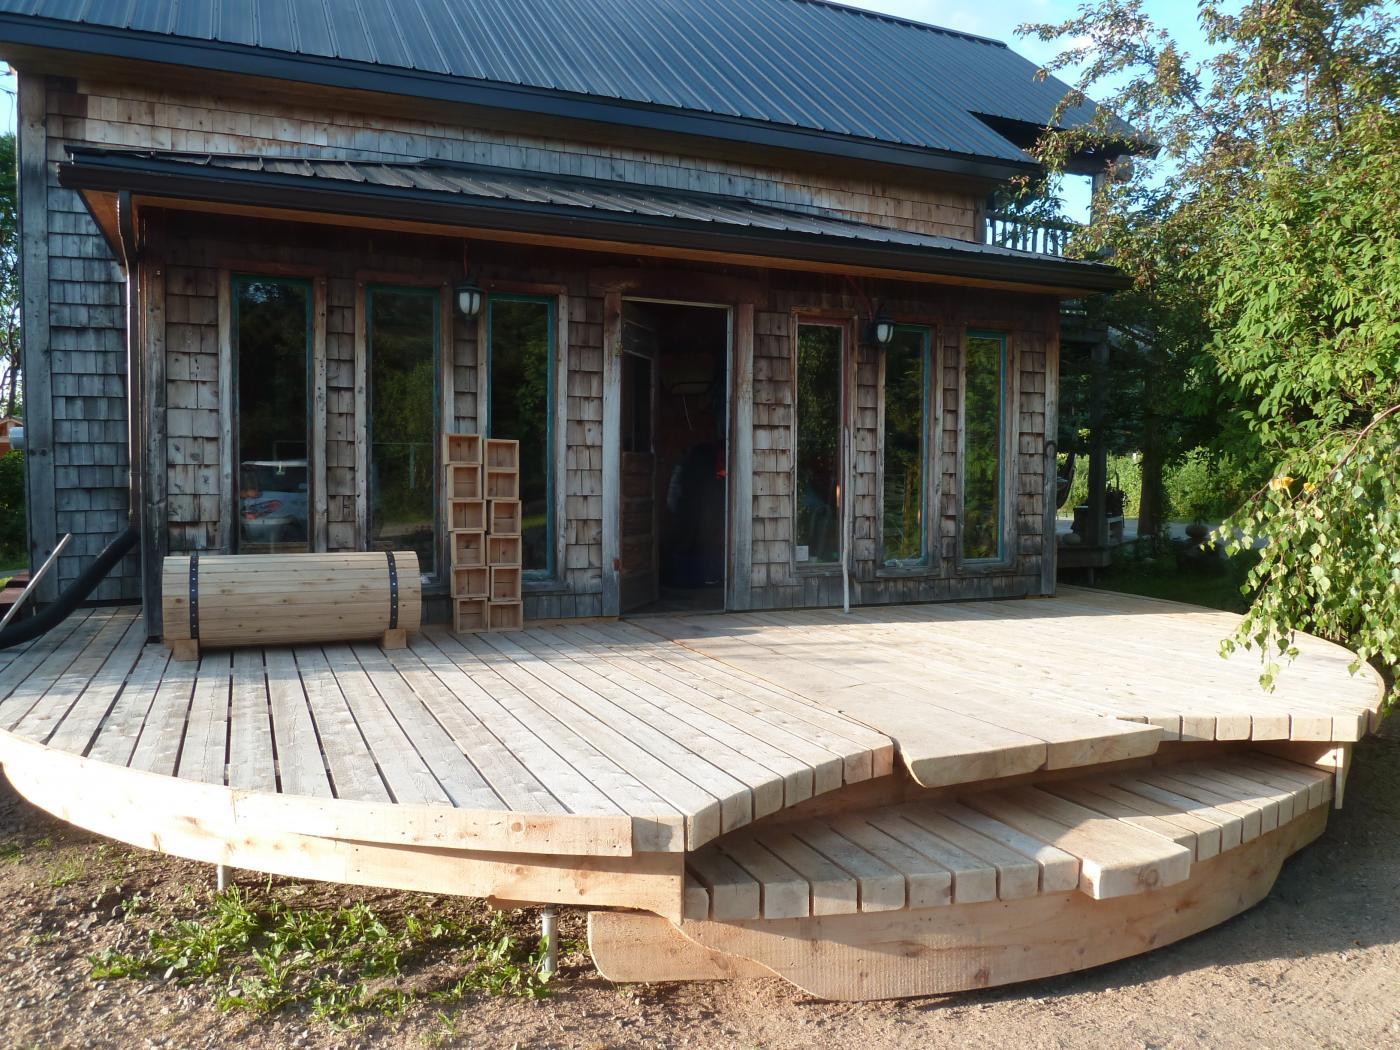 Patio - Le petit moulin du 4 milles - Artisans du cèdre - Cédrières - Saunas - Les barils - Cantons de l'Est - Estrie